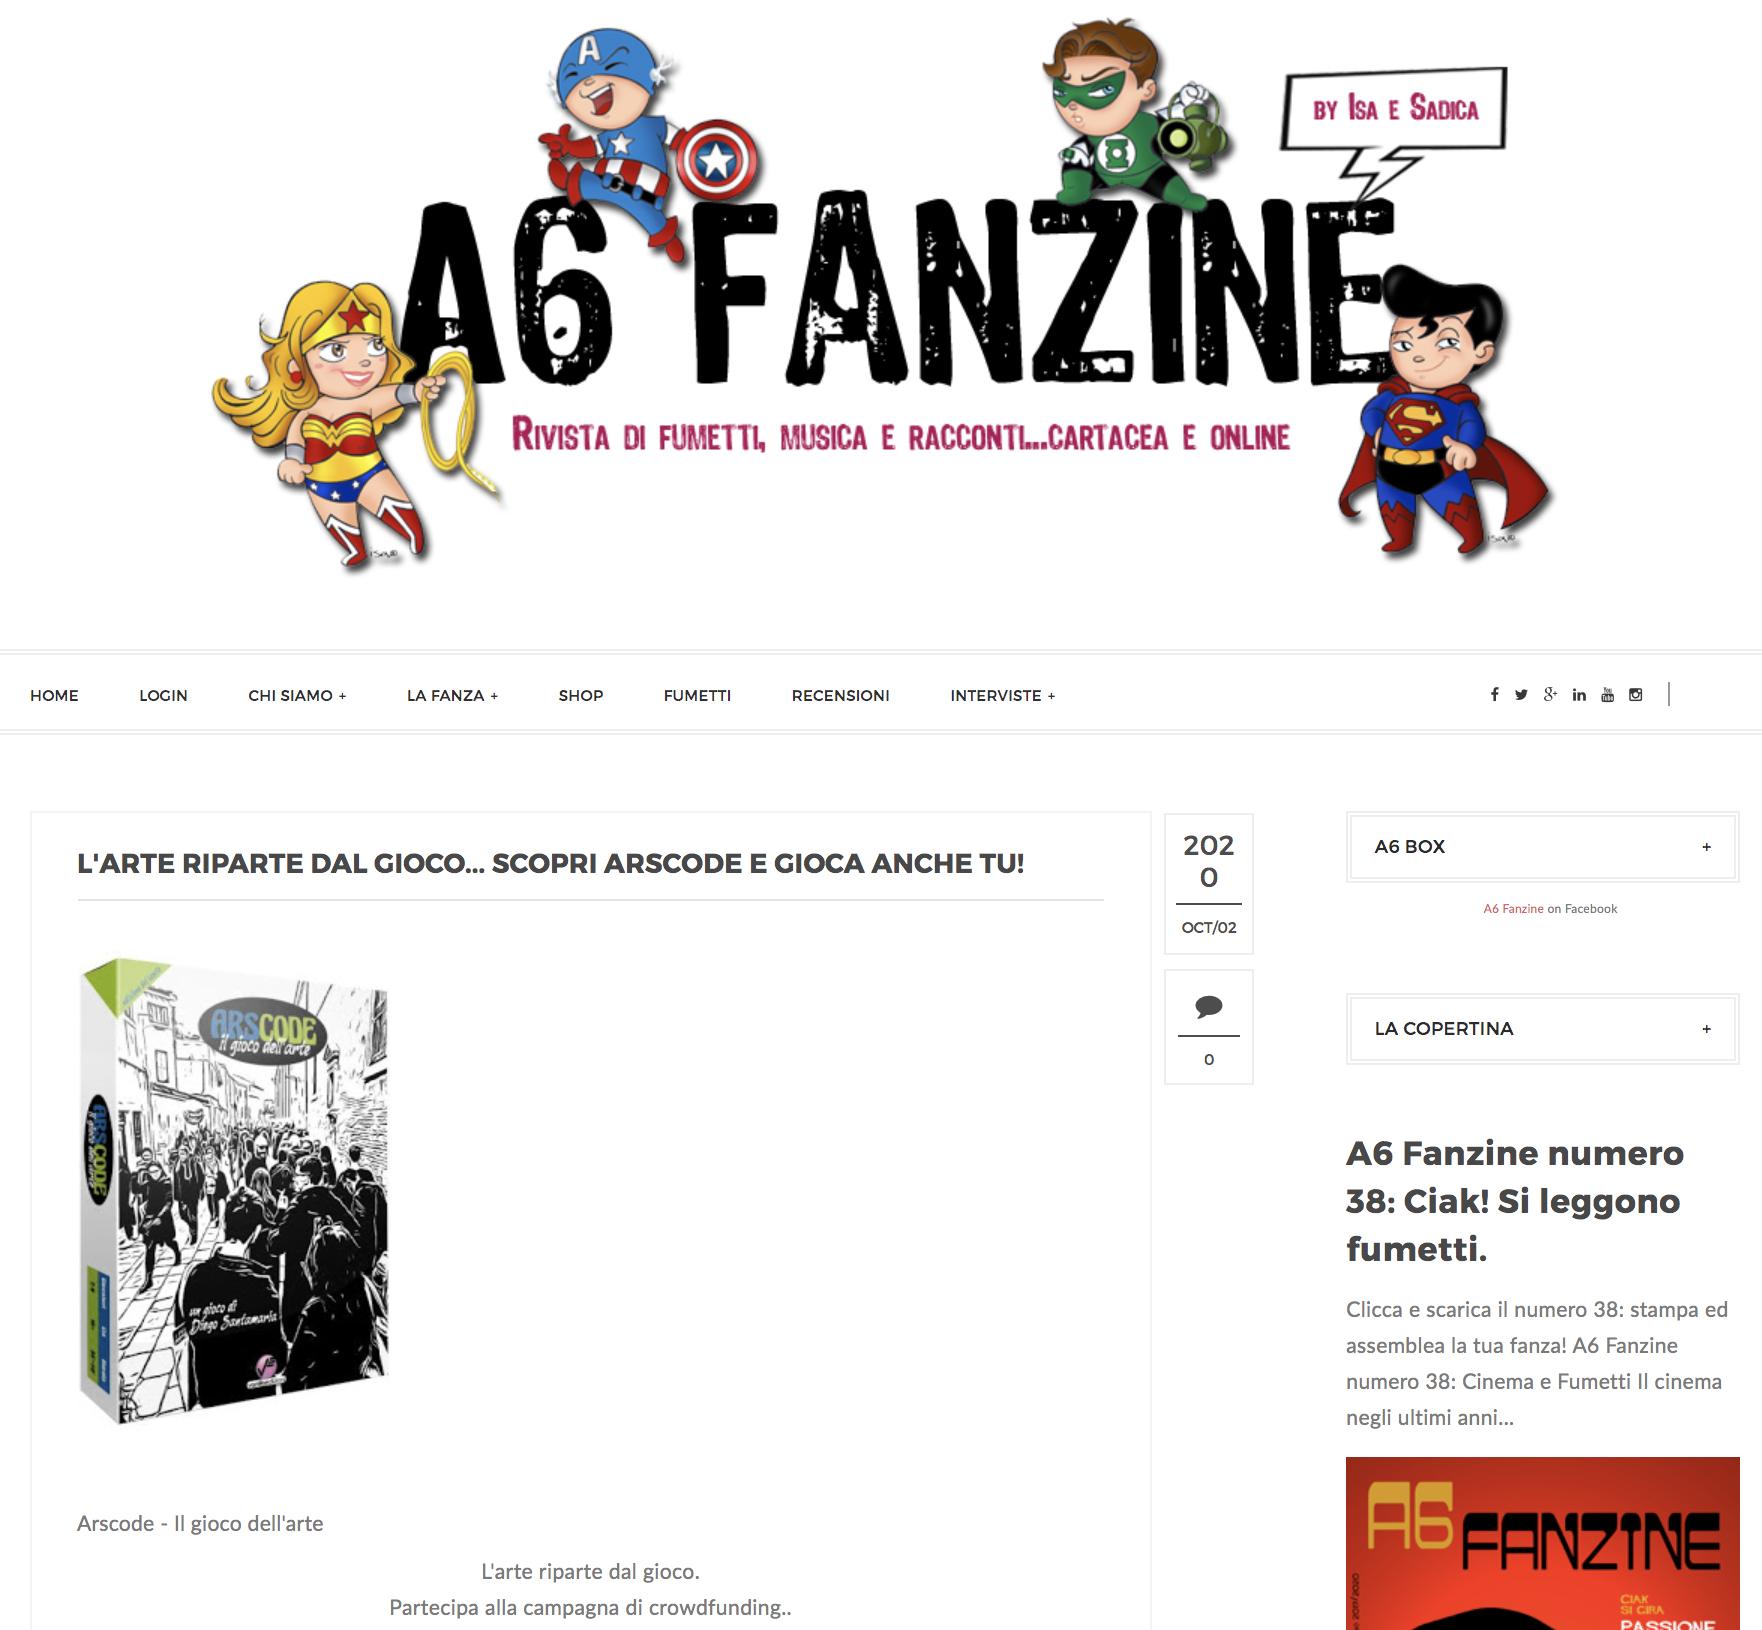 L'ARTE RIPARTE DAL GIOCO… SCOPRI ARSCODE E GIOCA ANCHE TU! | A6 Fanzine